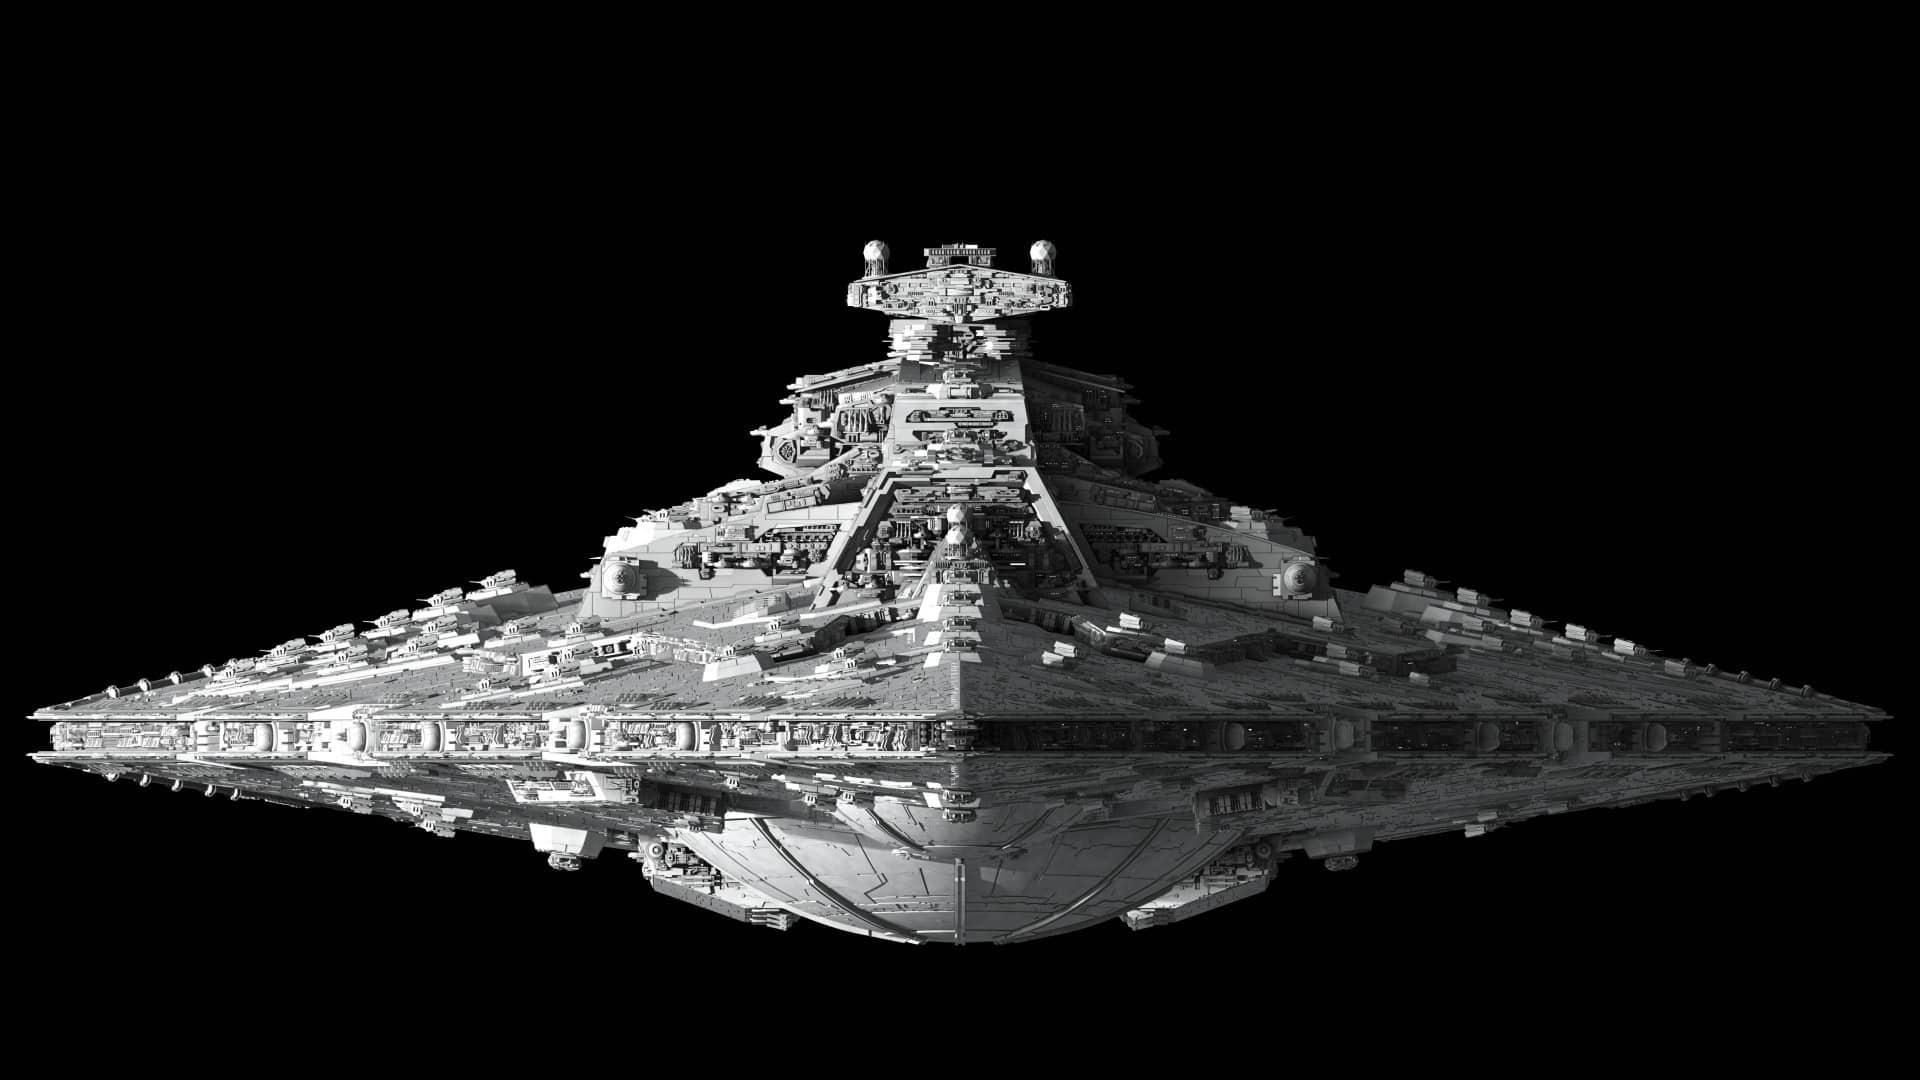 Star_Wars_Destroyer